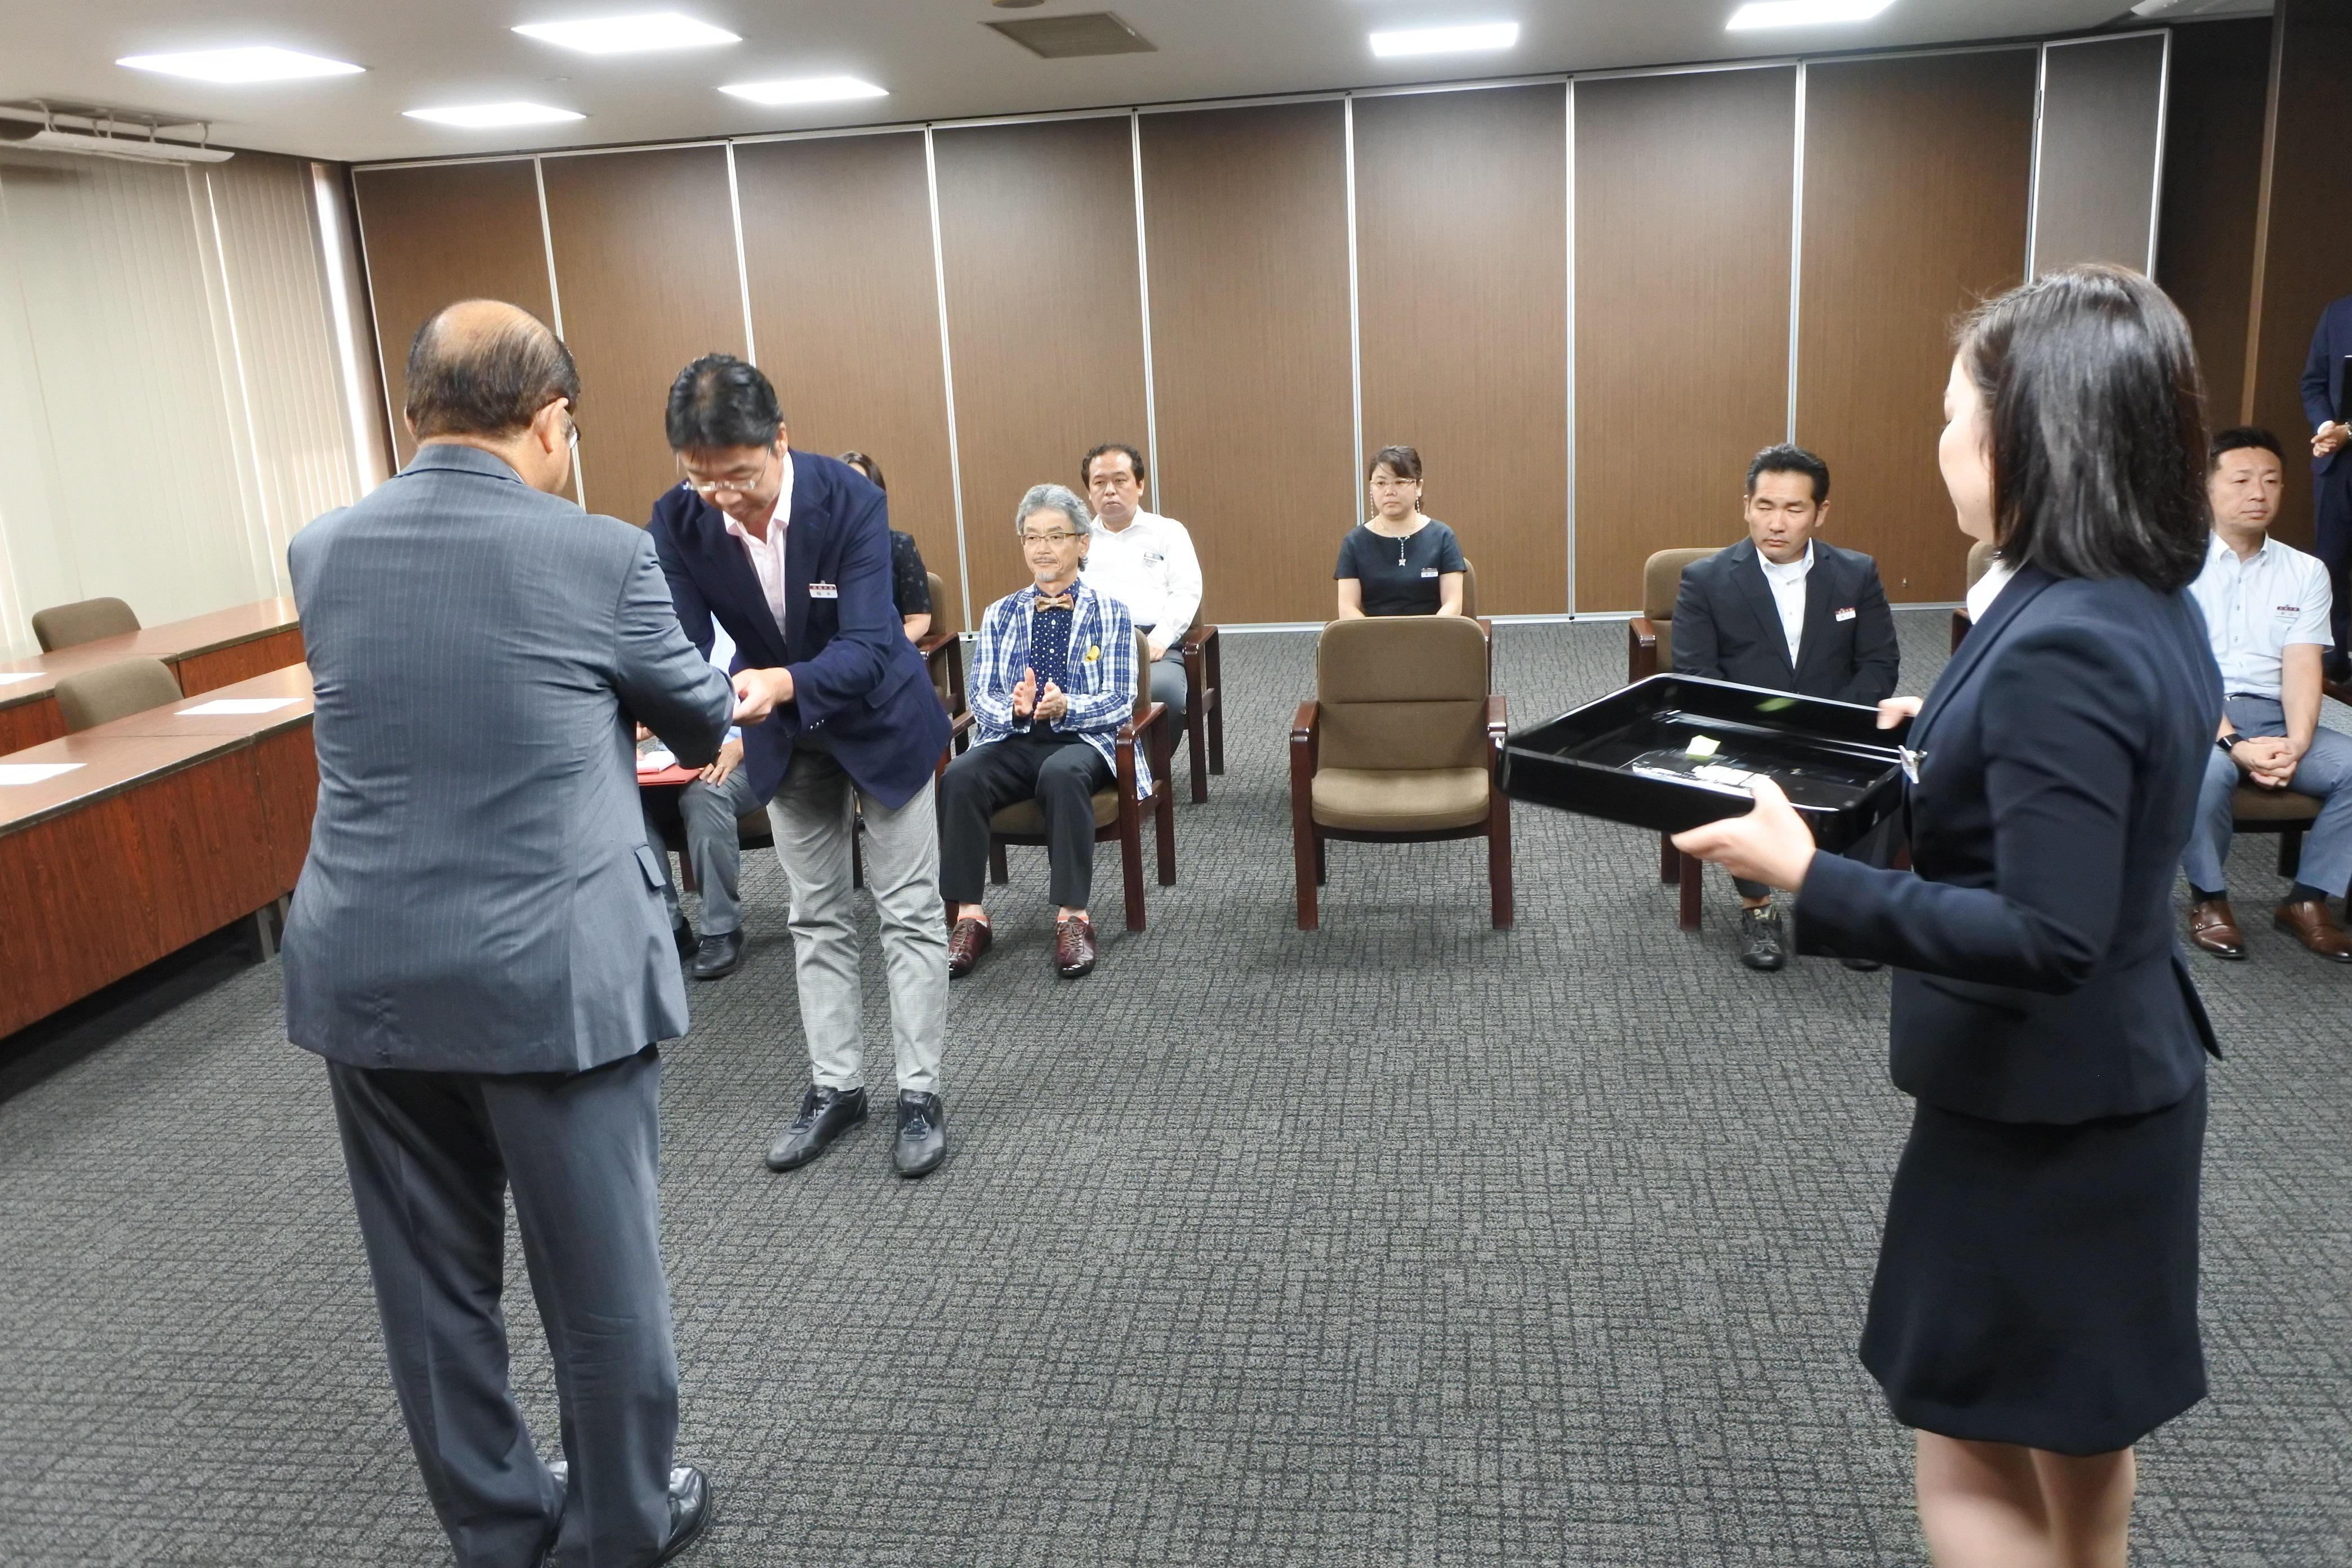 立花貞司理事長から記念品を受け取る梅本達弥財政部課長